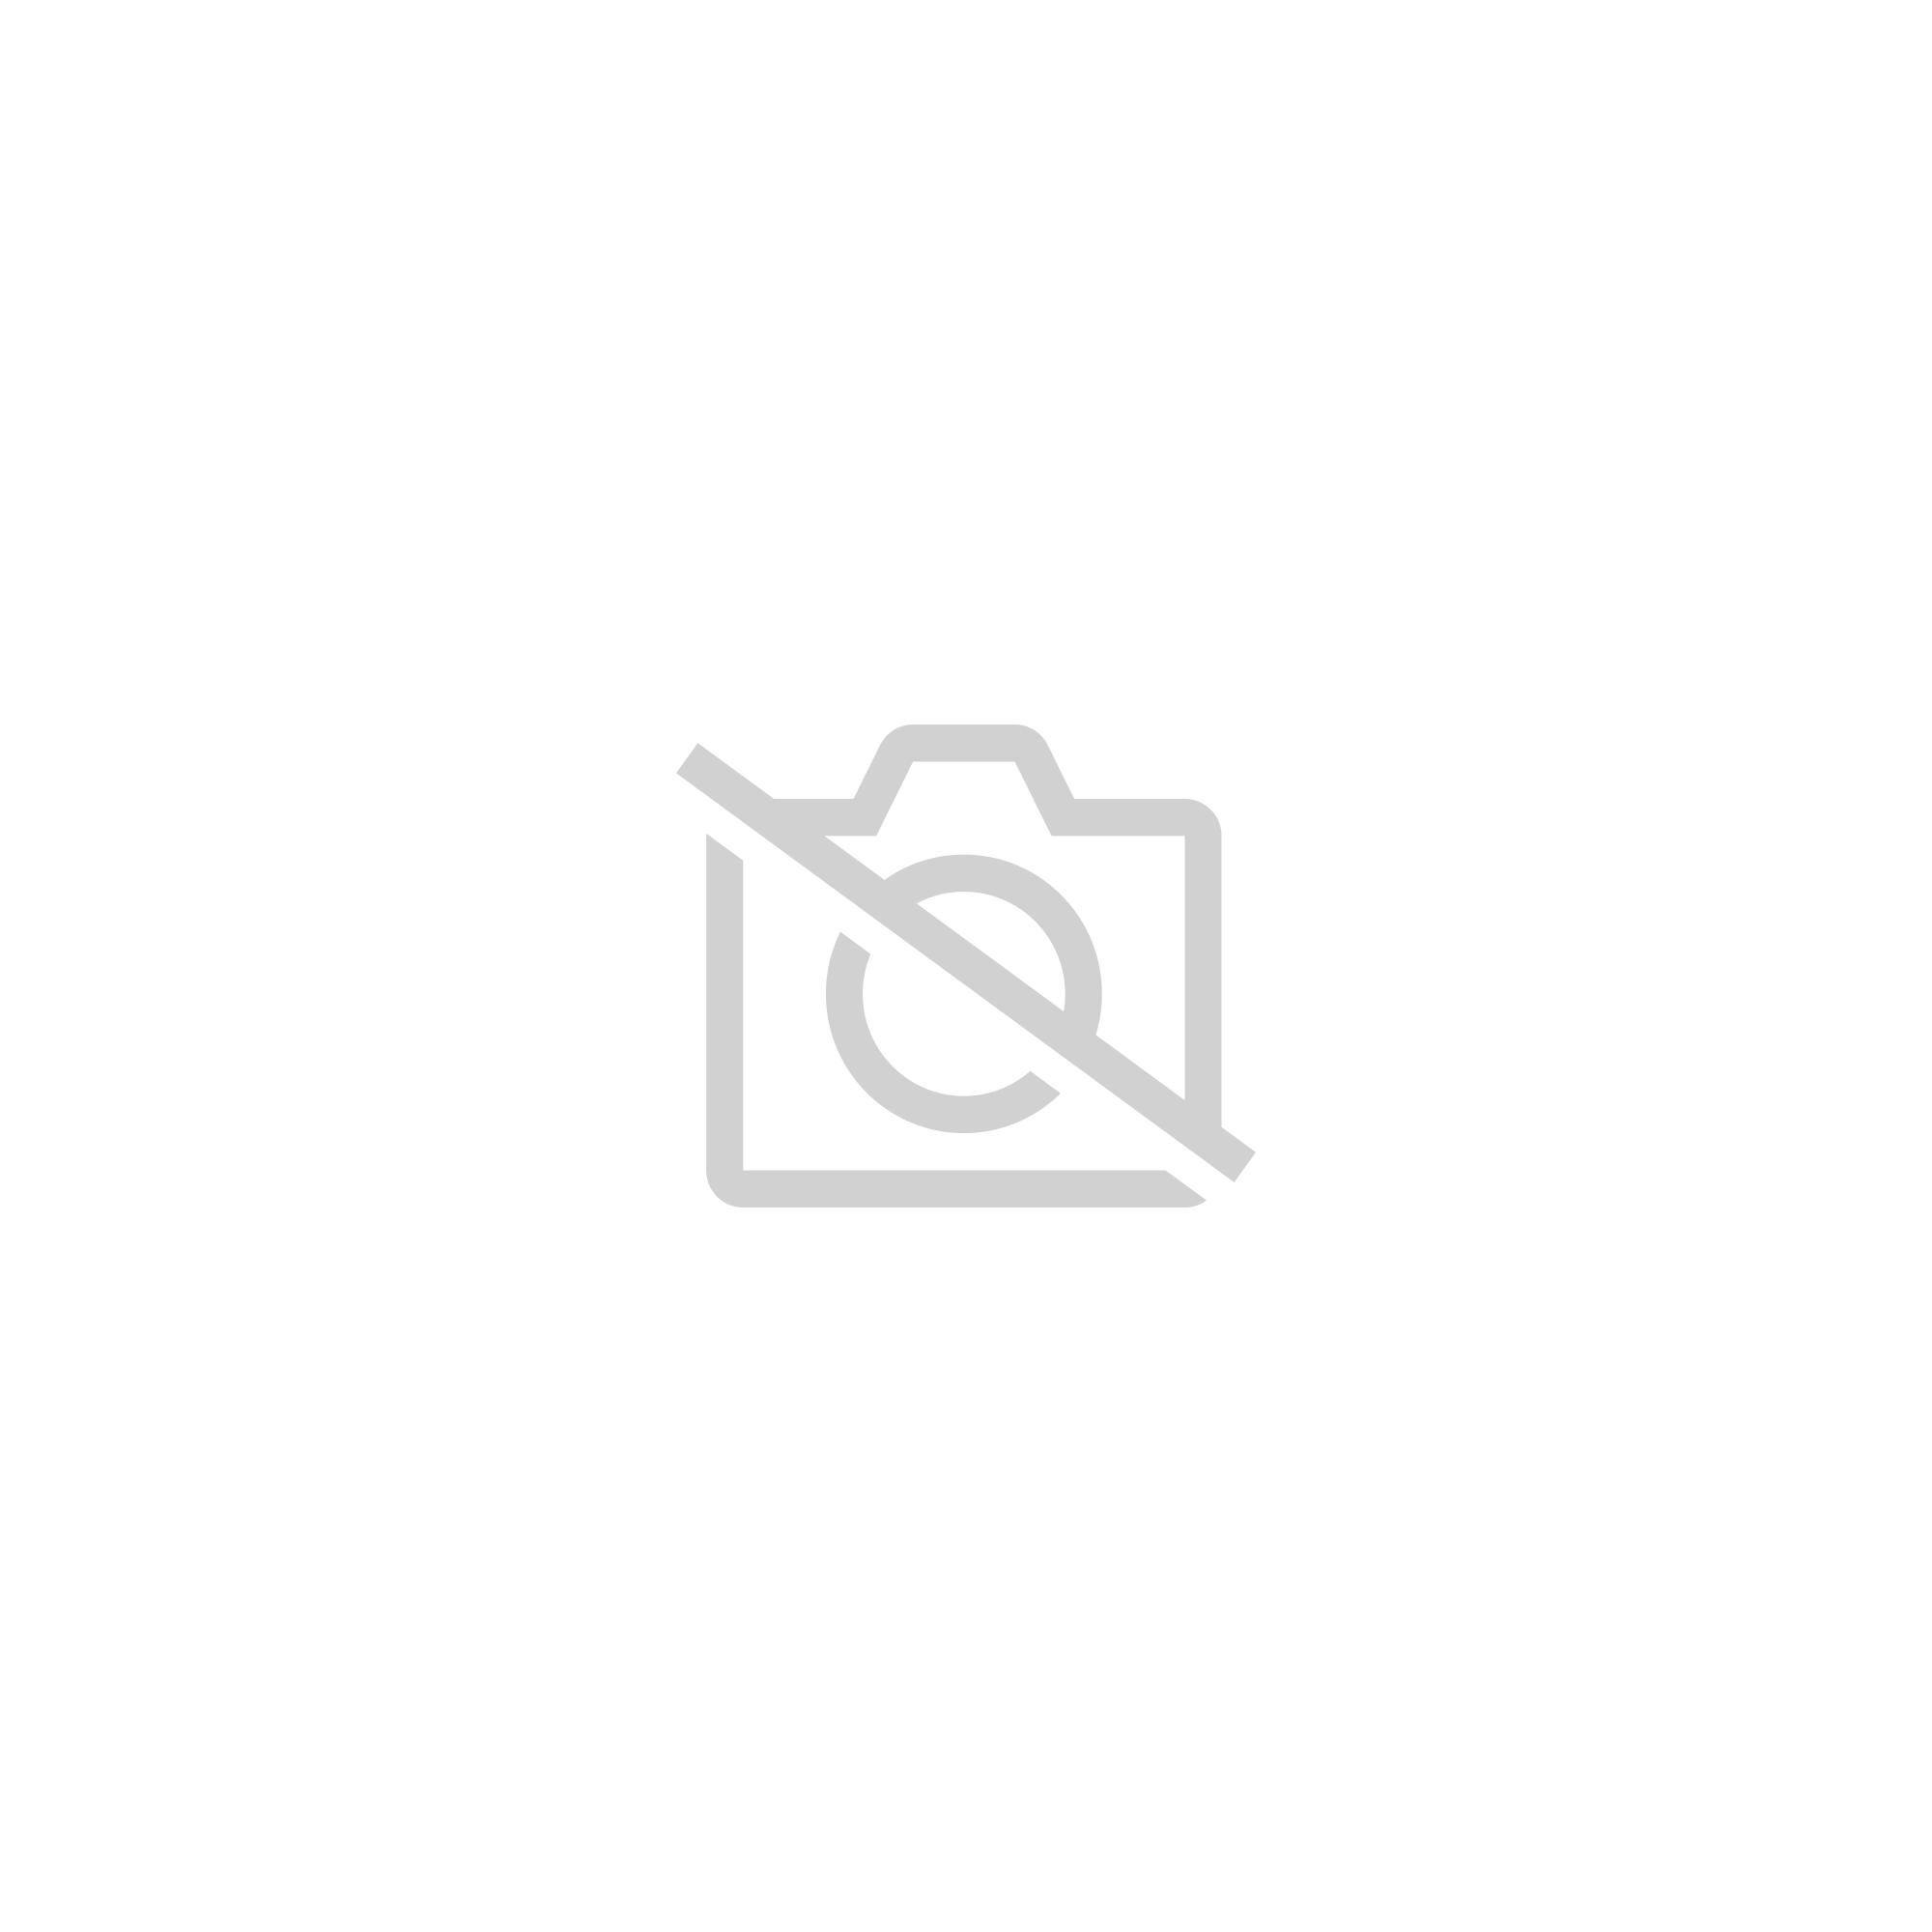 Encyclopedie Pratique Du Jardinage 1953 de J.M. DUVERNAY